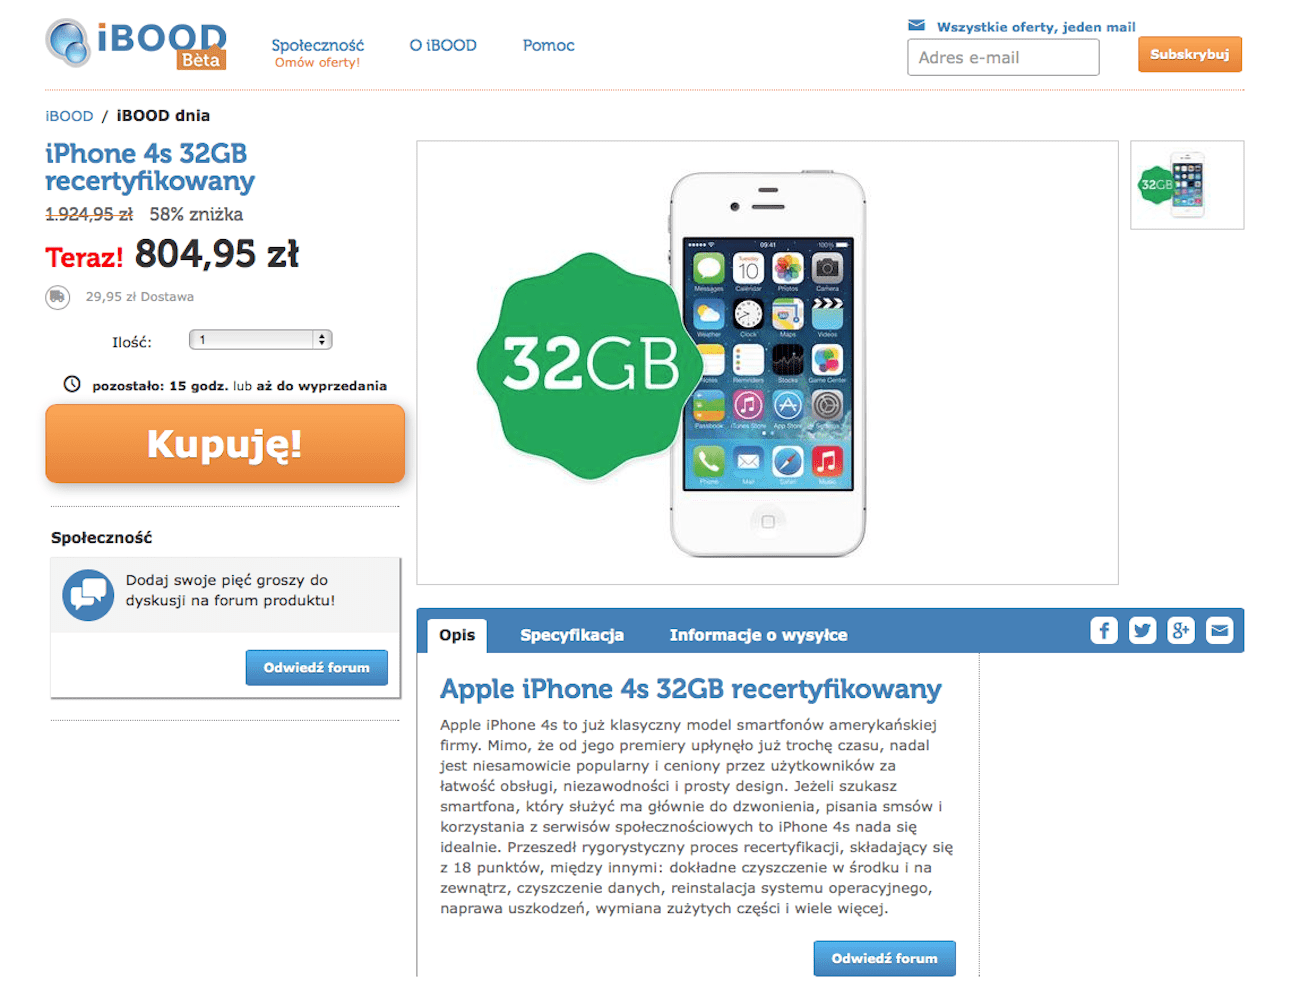 Odnowiony iPhone 4s 32GB dziś w iBood za jedyne 805zł ciekawostki Przecena, Promocja, iPhone 4s, iPhone, iBood, Apple  Jeżeli jeszcze nie kupiliście żadnego nowego telefonu od Apple to dziś jest ku temu idealna okazja. Zrzut ekranu 2015 04 13 o 08.28.28